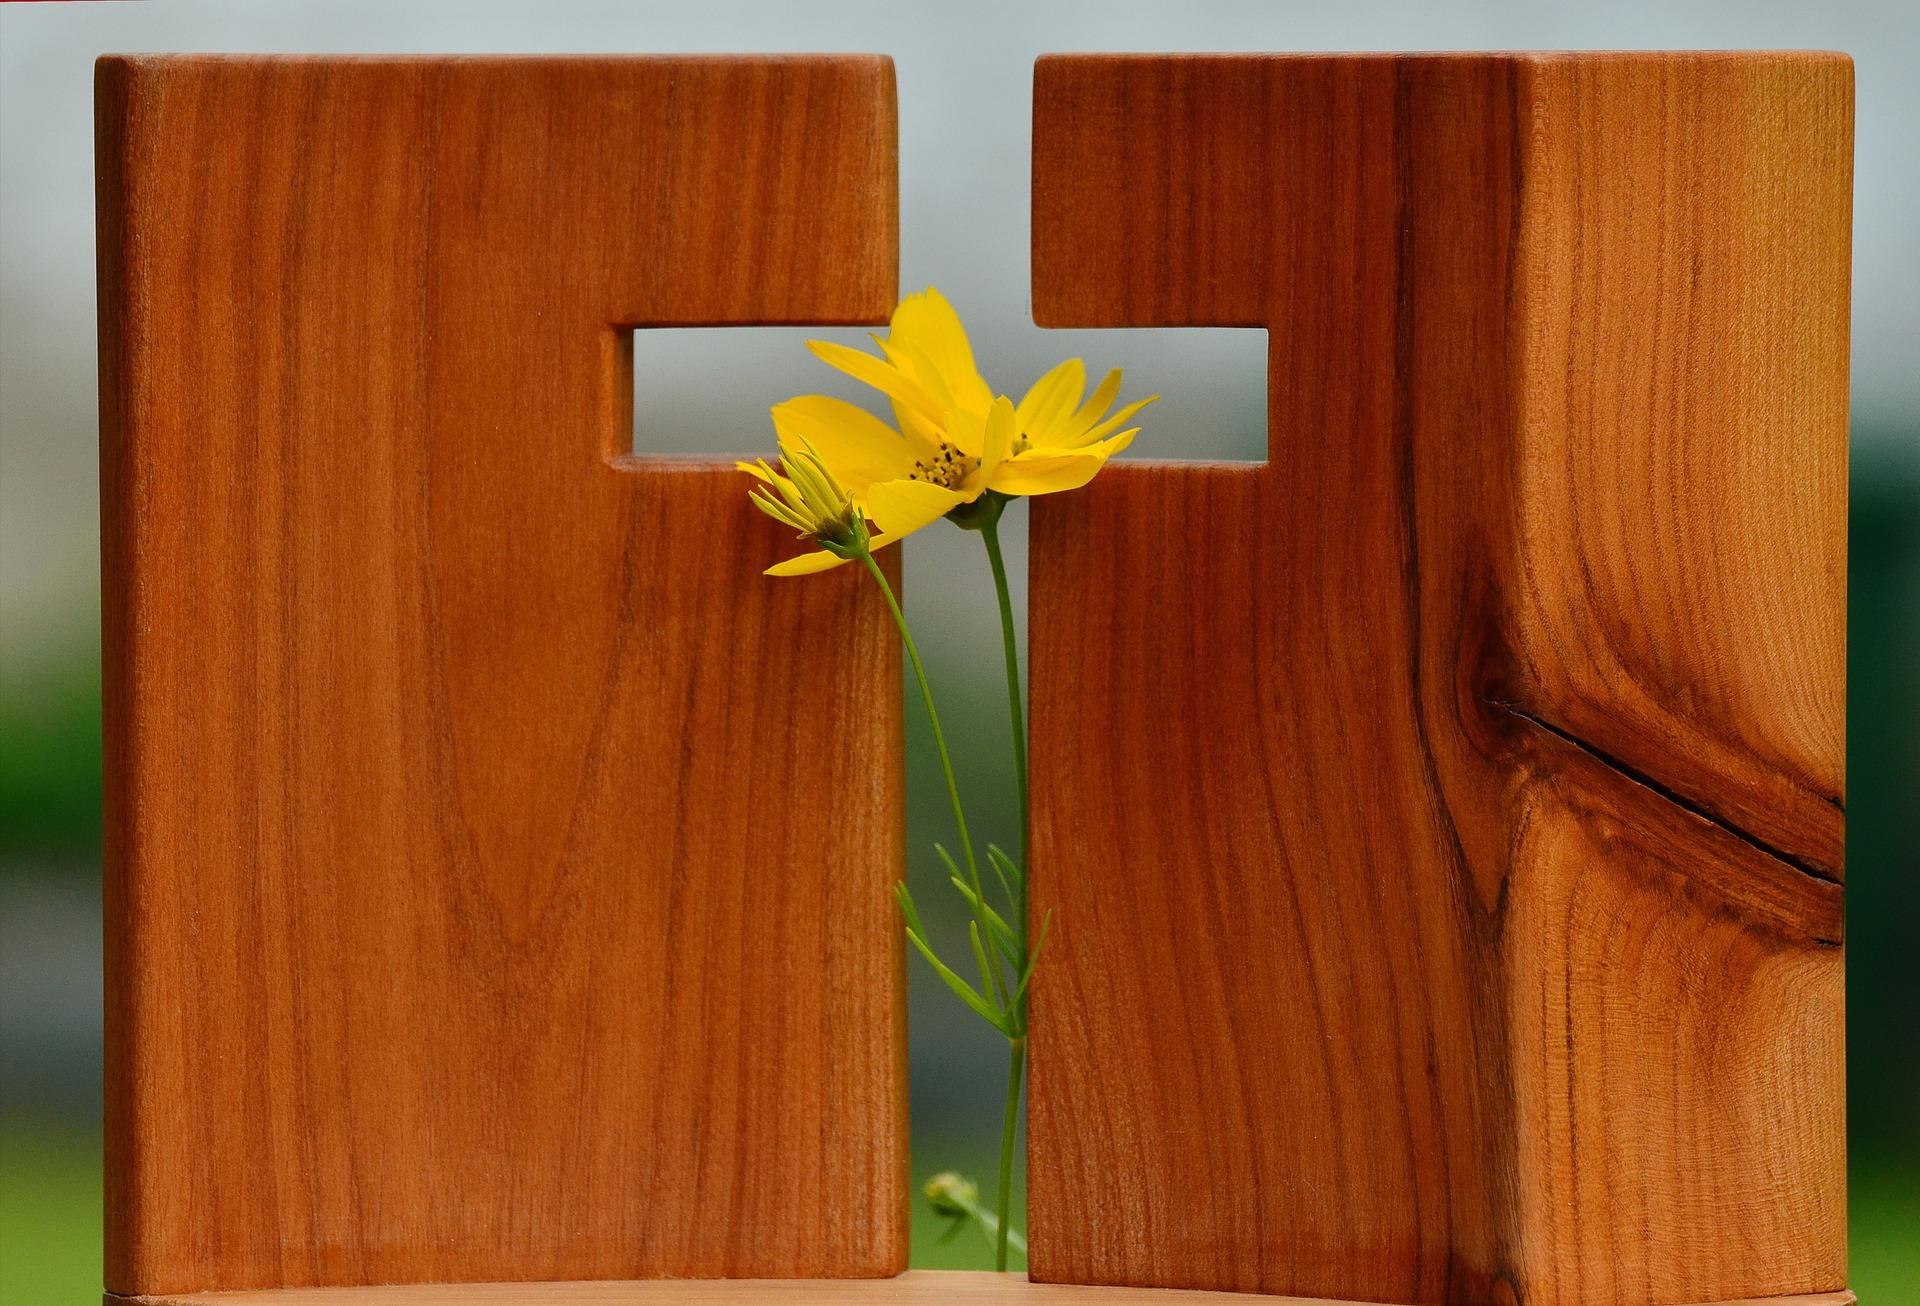 '내 안의 담벼락'을 부수는 일을 그리스도교에서는'자기 십자가를 짊어진다'고 표현한다.